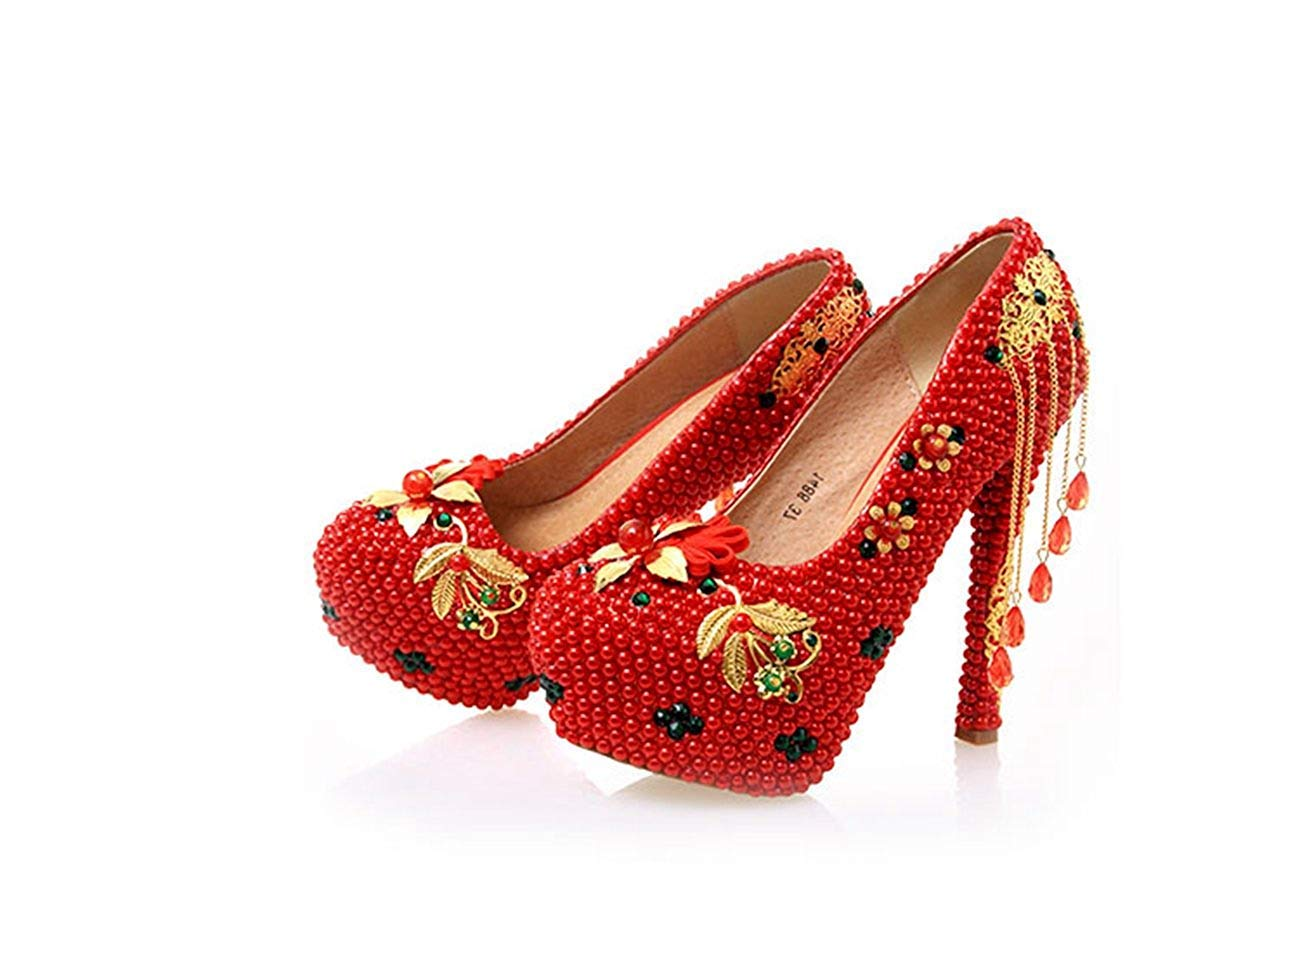 Qiusa Damen versteckte hohe Plattform Ketten Hochzeit Abendschuhe (Farbe     rot-14cm Heel Größe   3.5 UK) 04a30d